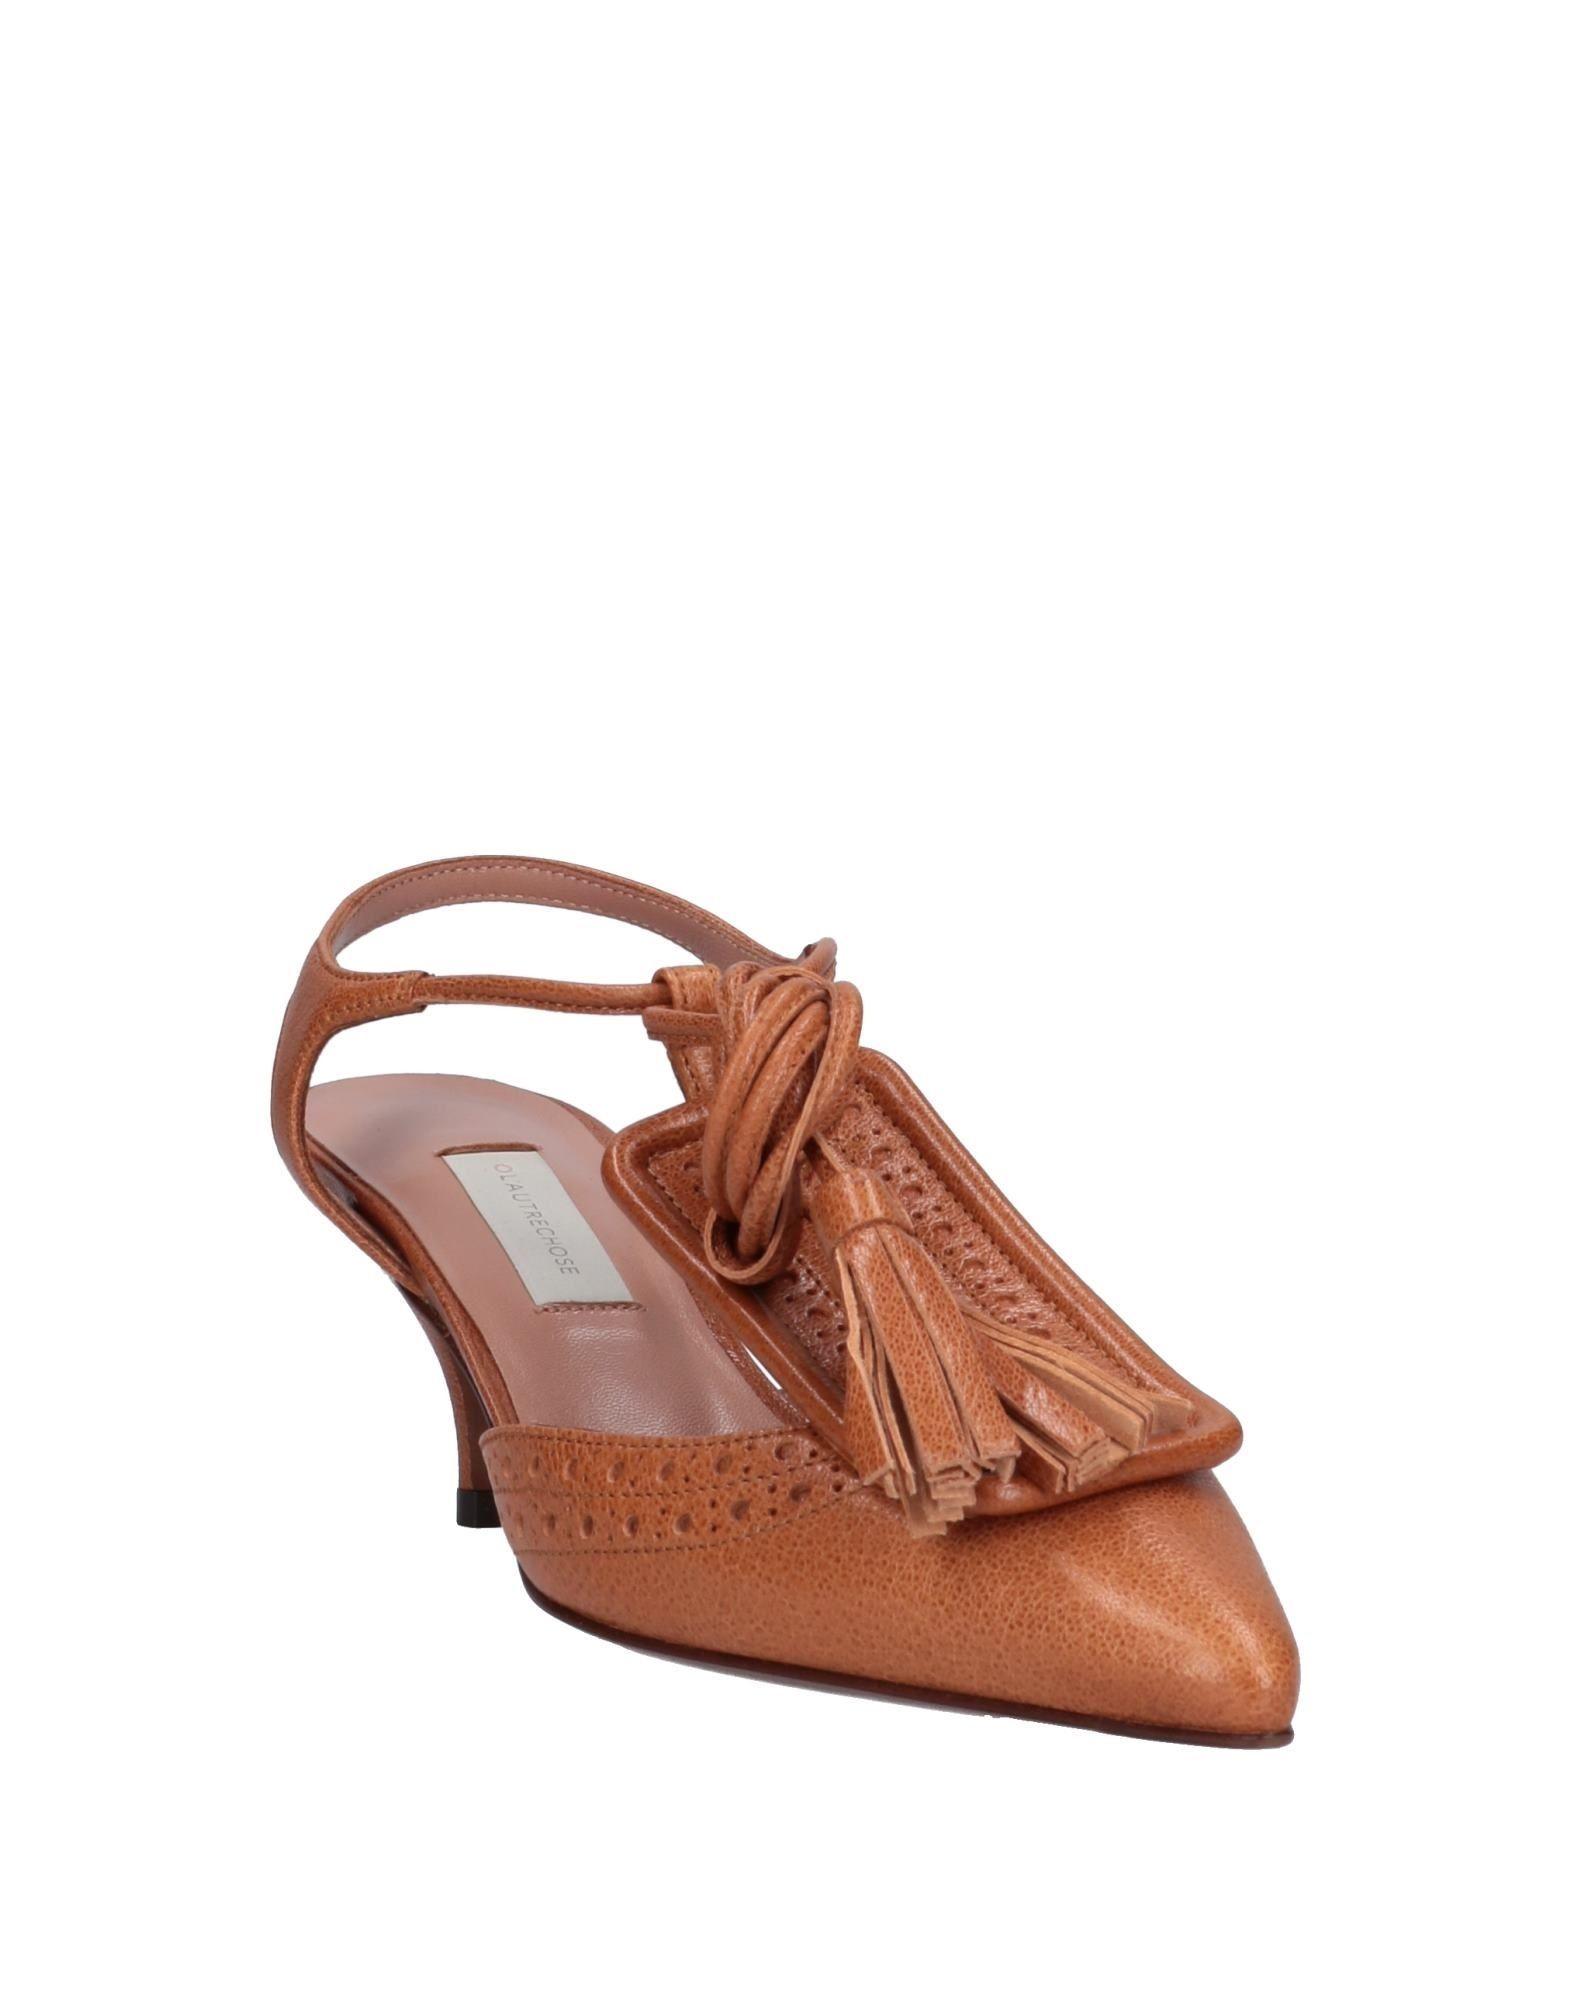 L' Autre Chose Tan Leather Kitten Heels